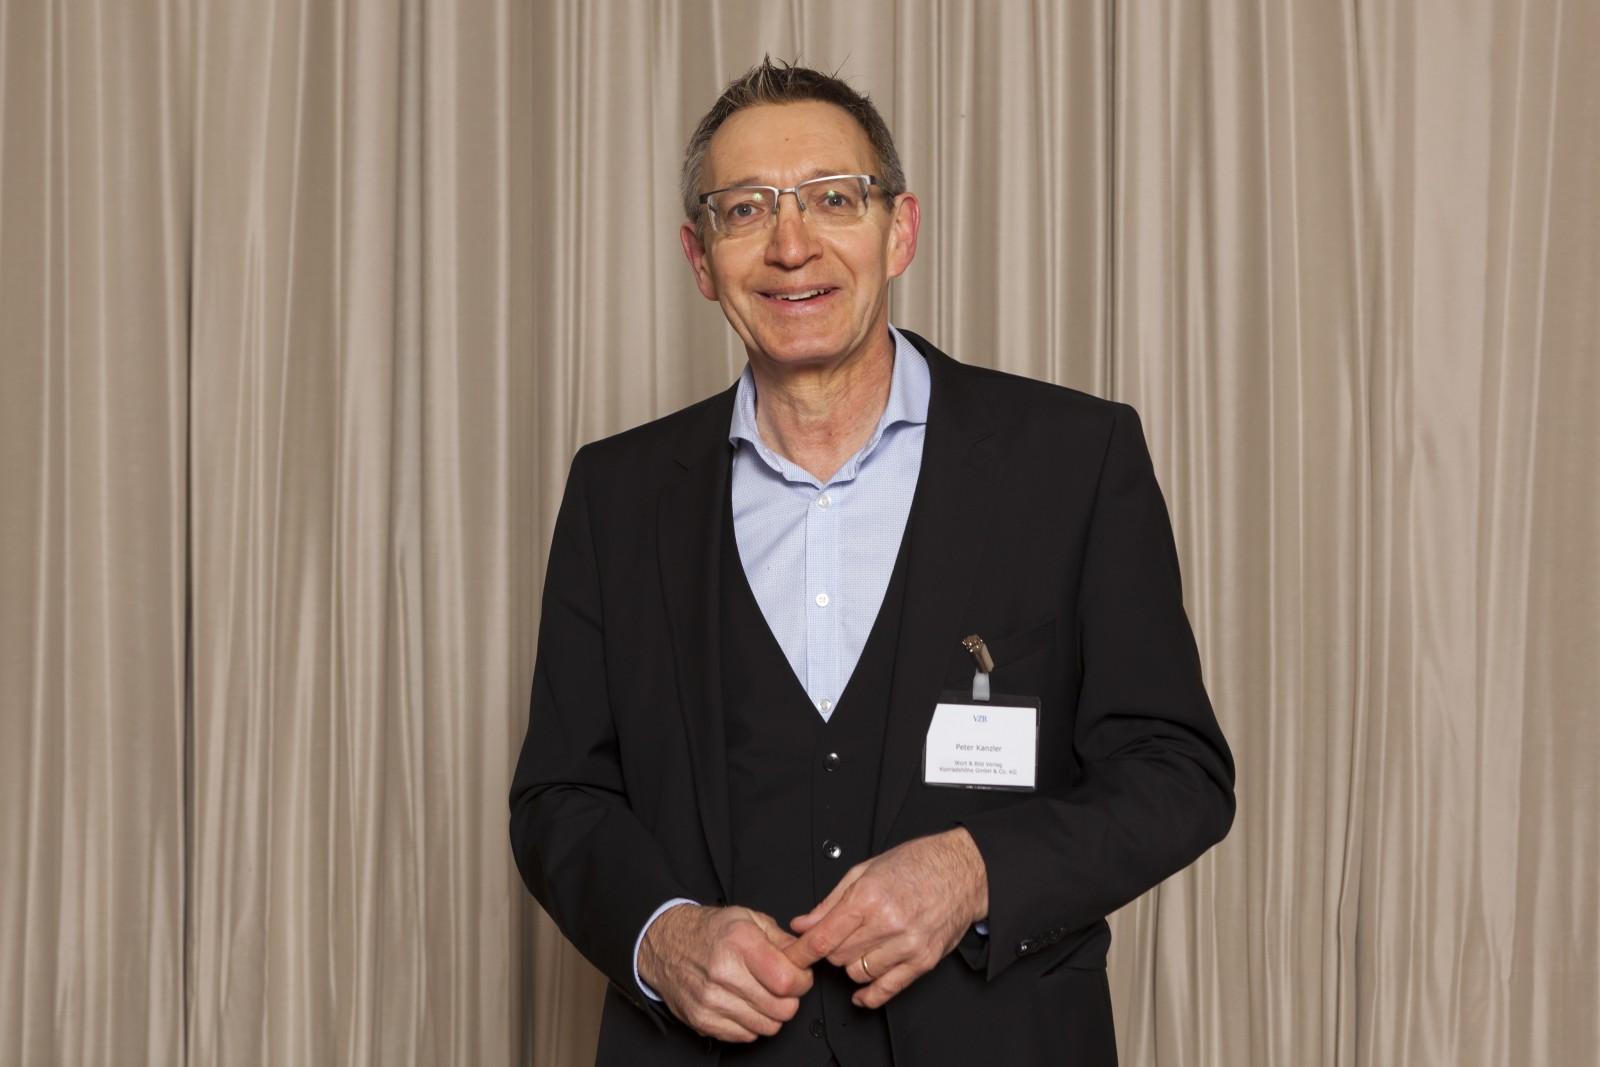 Peter Kanzler, Wort & Bild Verlag